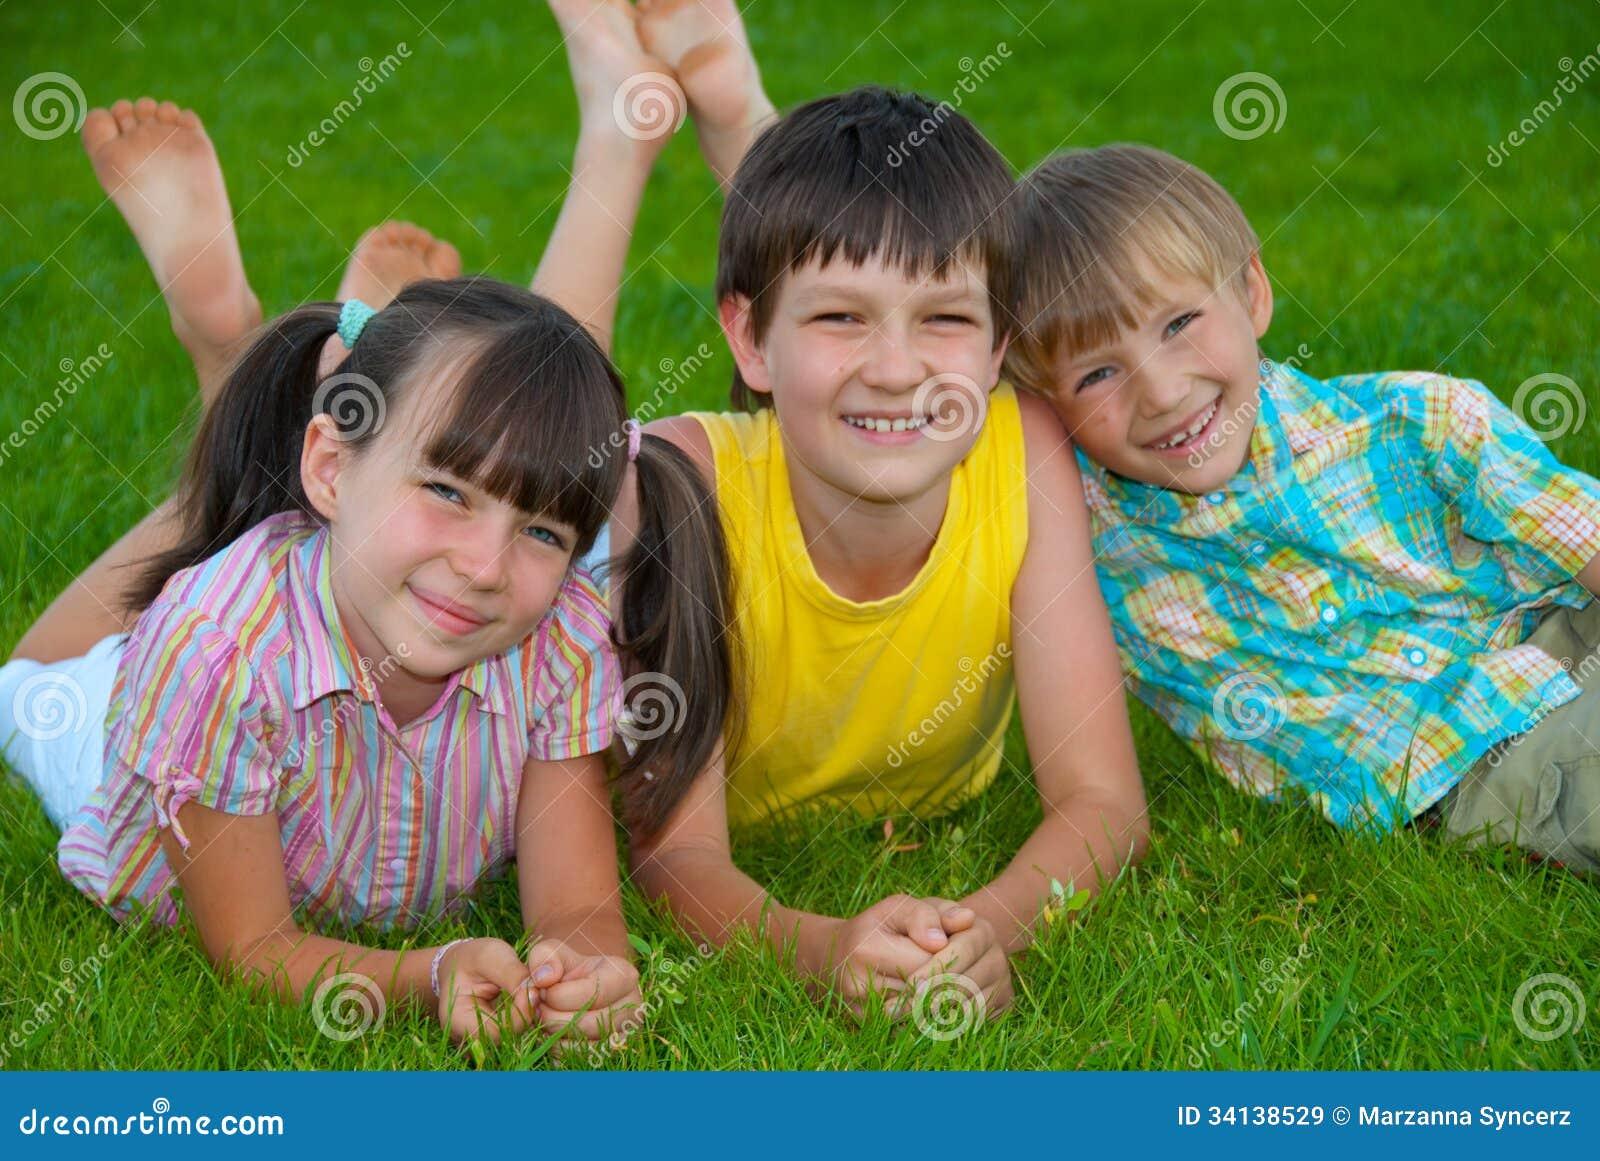 Enfants de mêmes parents sur l herbe